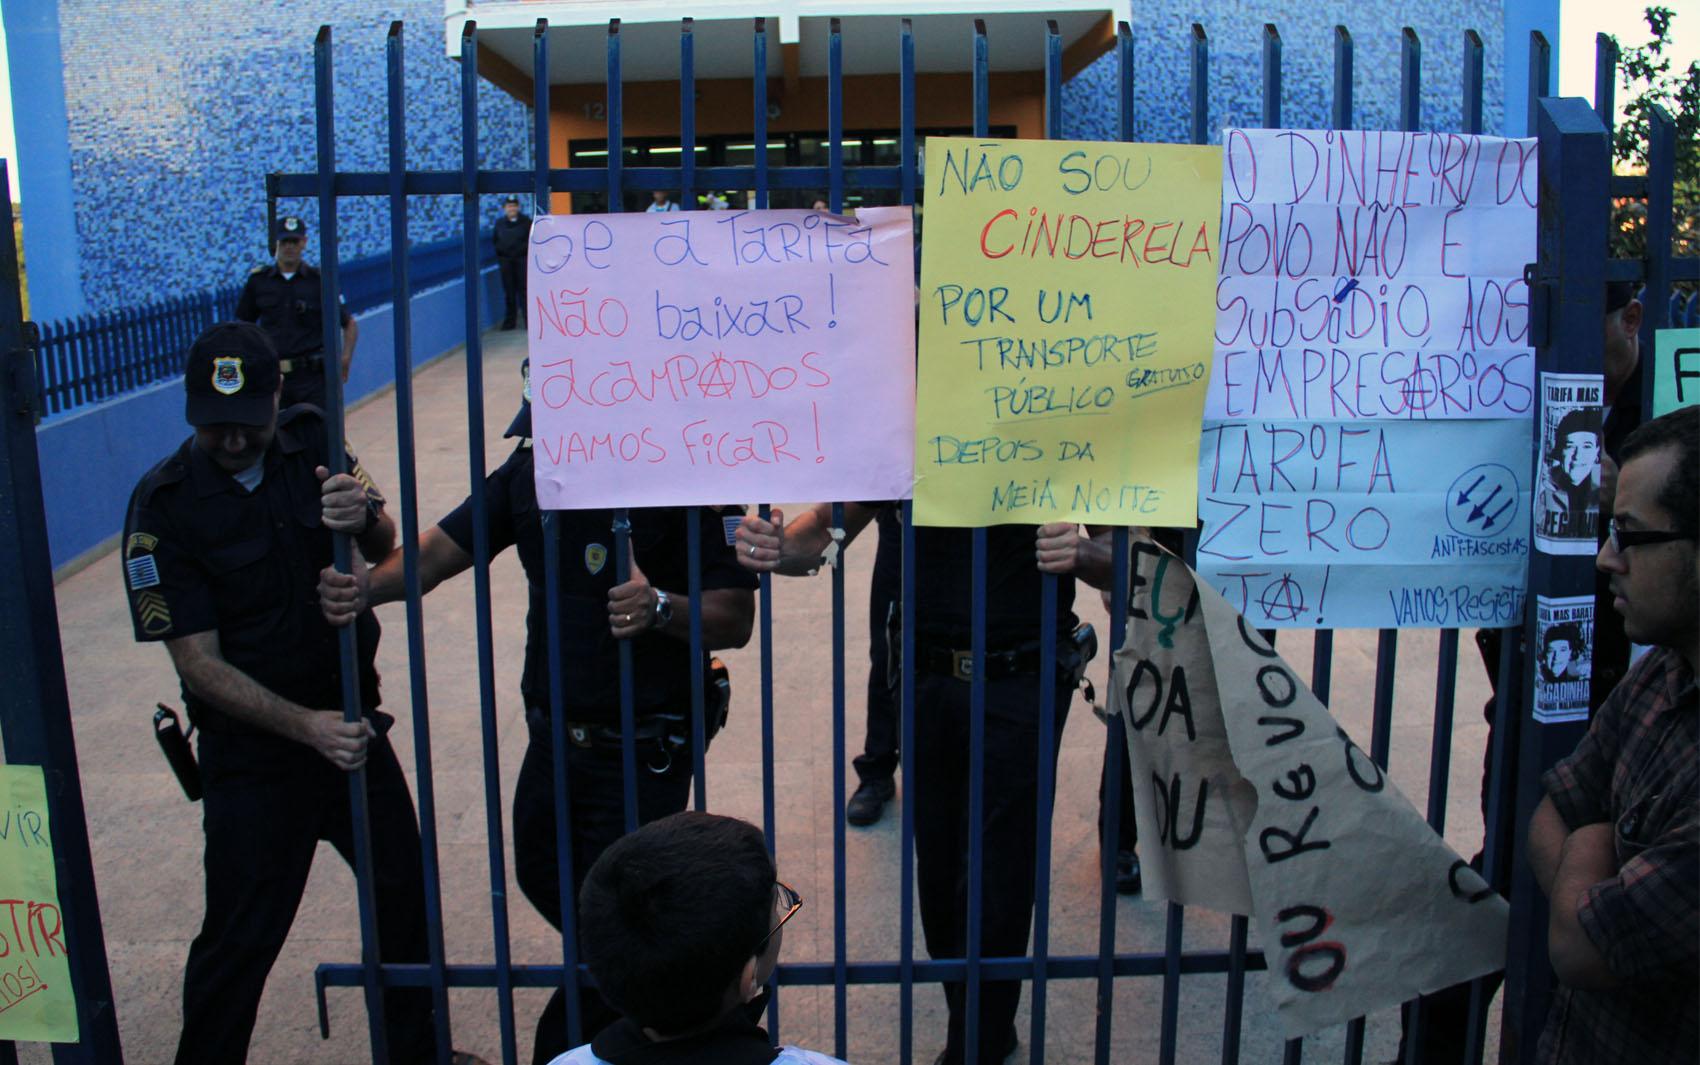 Guarda Municipal fecha o portão da prefeitura durante o ato em São José dos Campos.